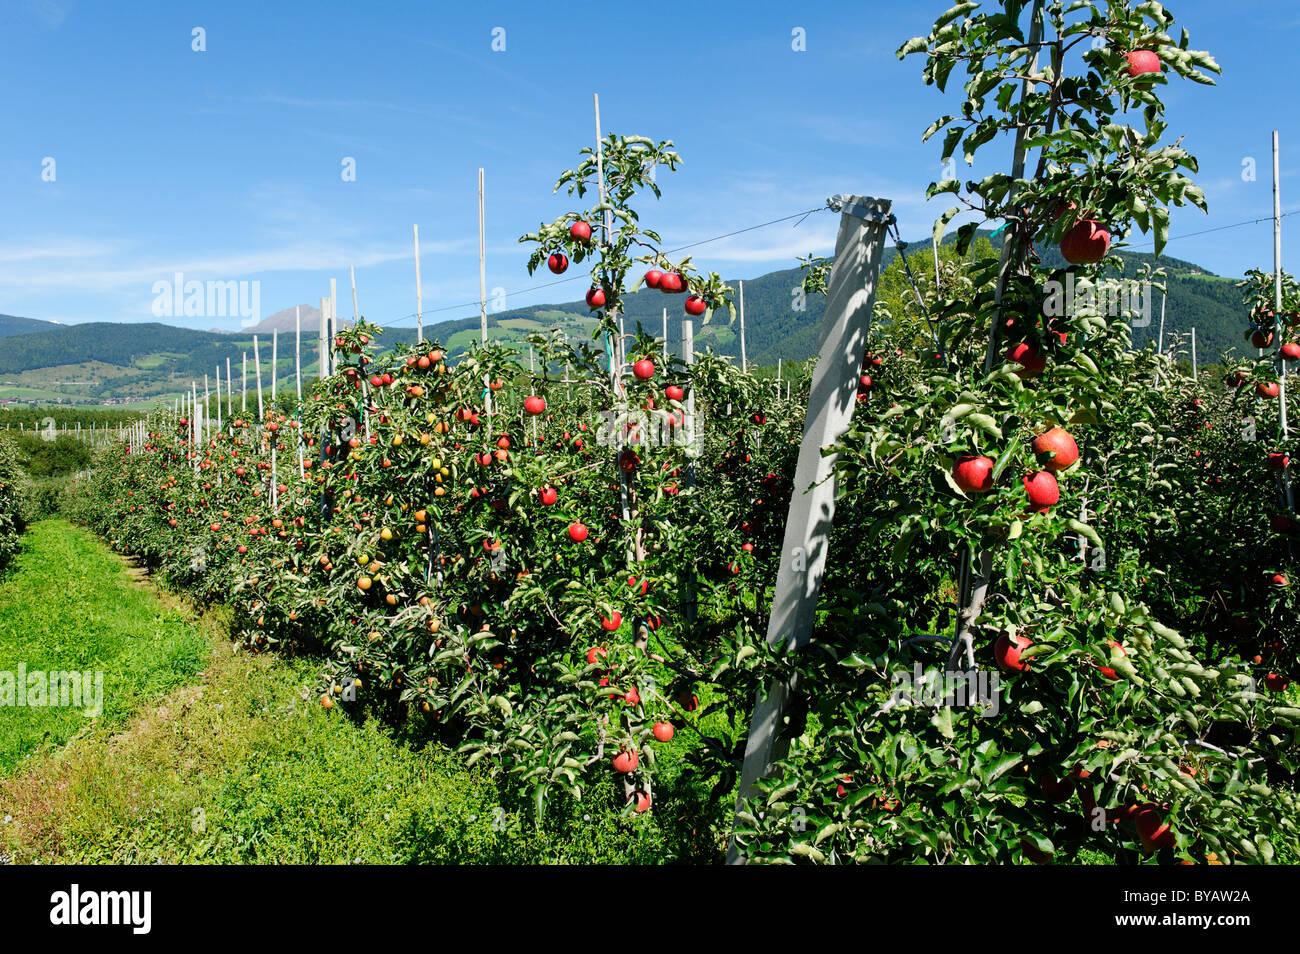 Obstanbaugebiet, Natz Schabs Apfelplantagen, Alto Adige, Italien, Europa Stockbild